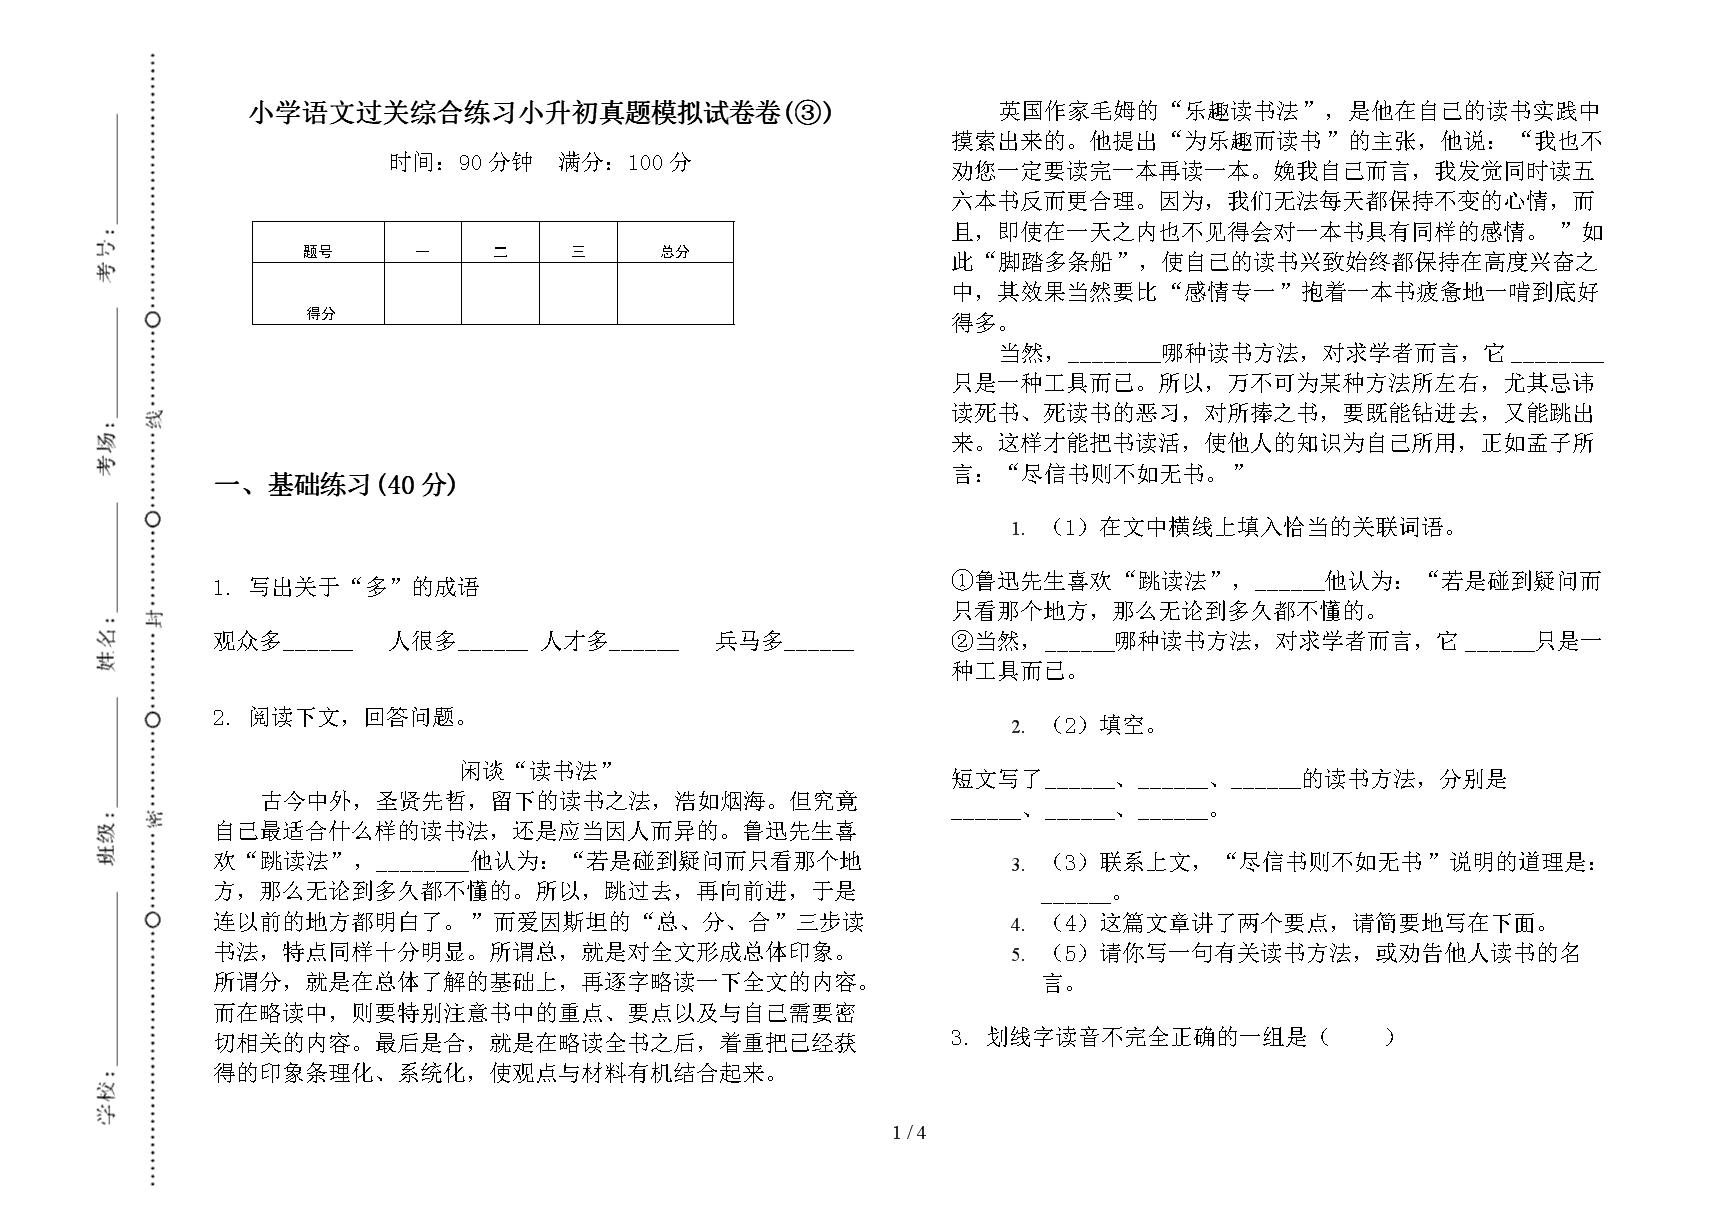 小学语文过关综合练习小升初真题模拟试卷卷(③).docx